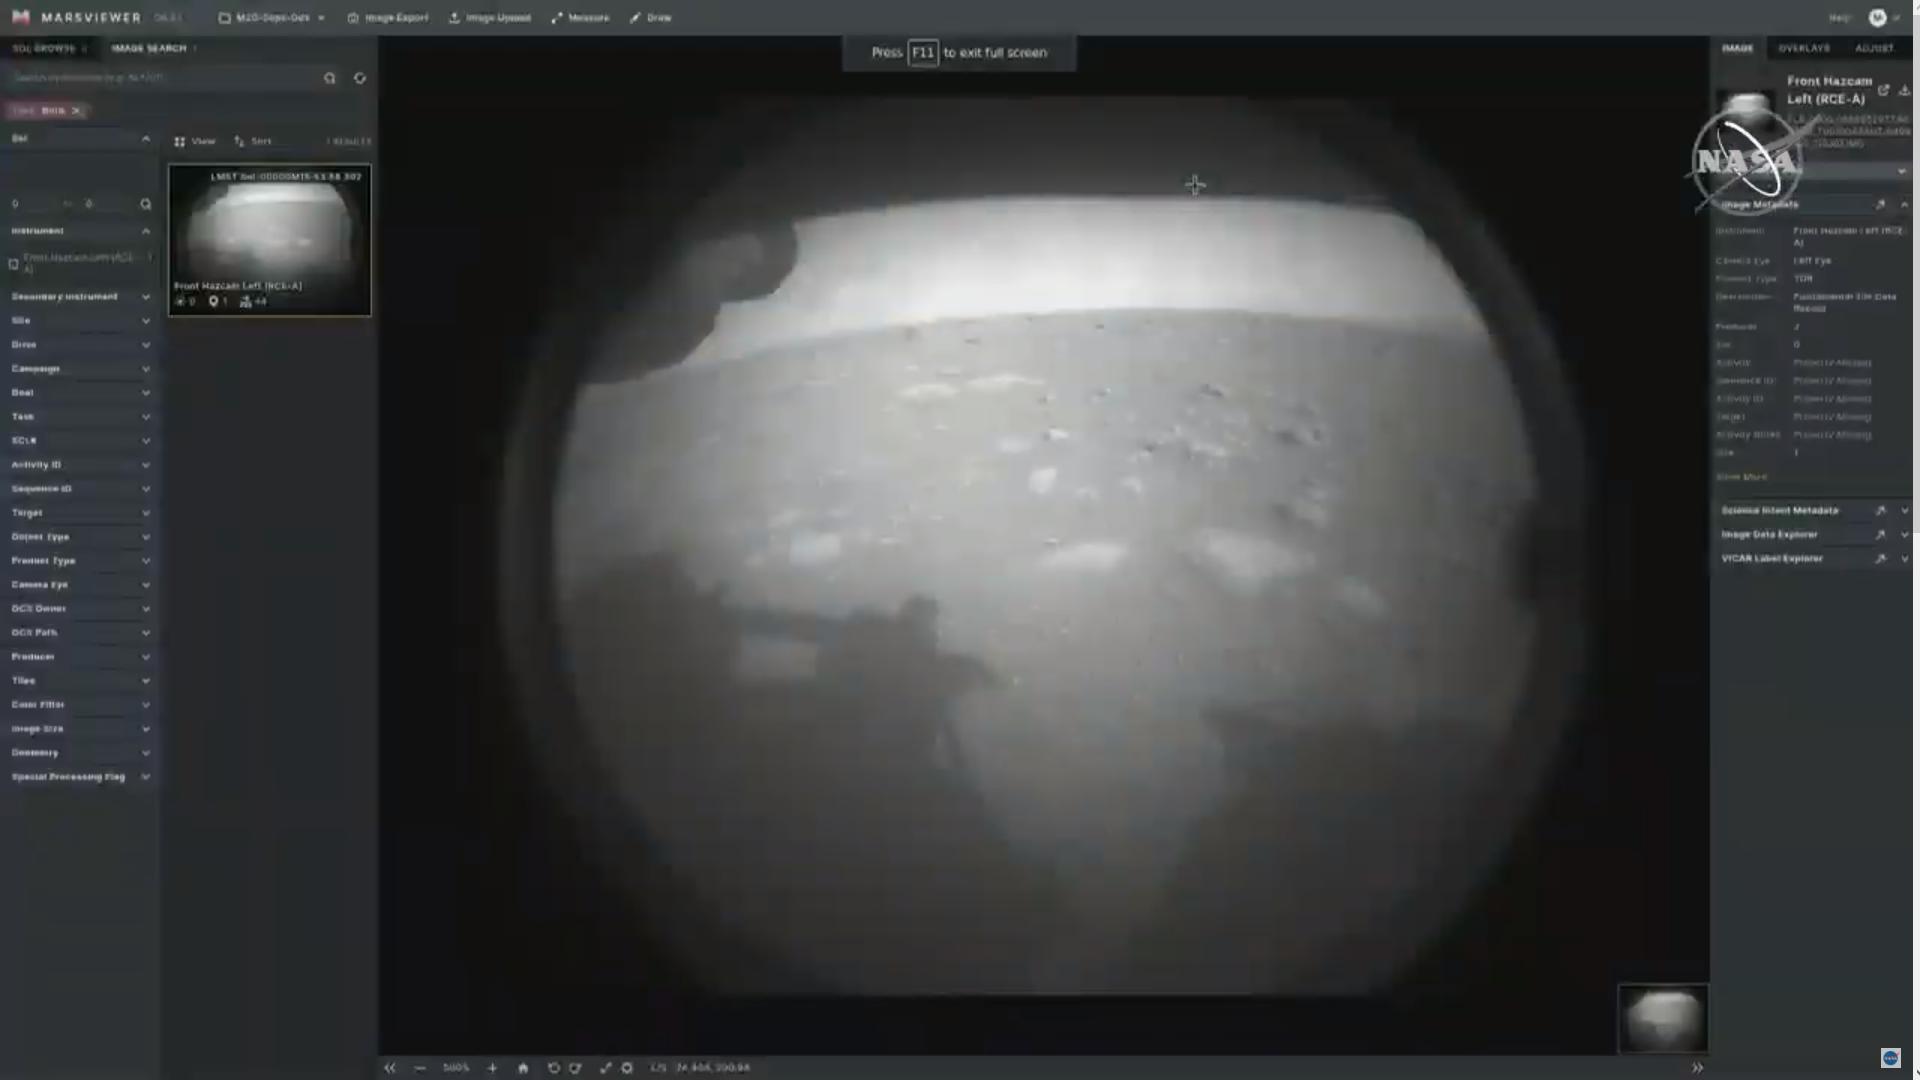 نجاح مركبة بيرسيفيرانس بالهبوط على سطح المريخ.